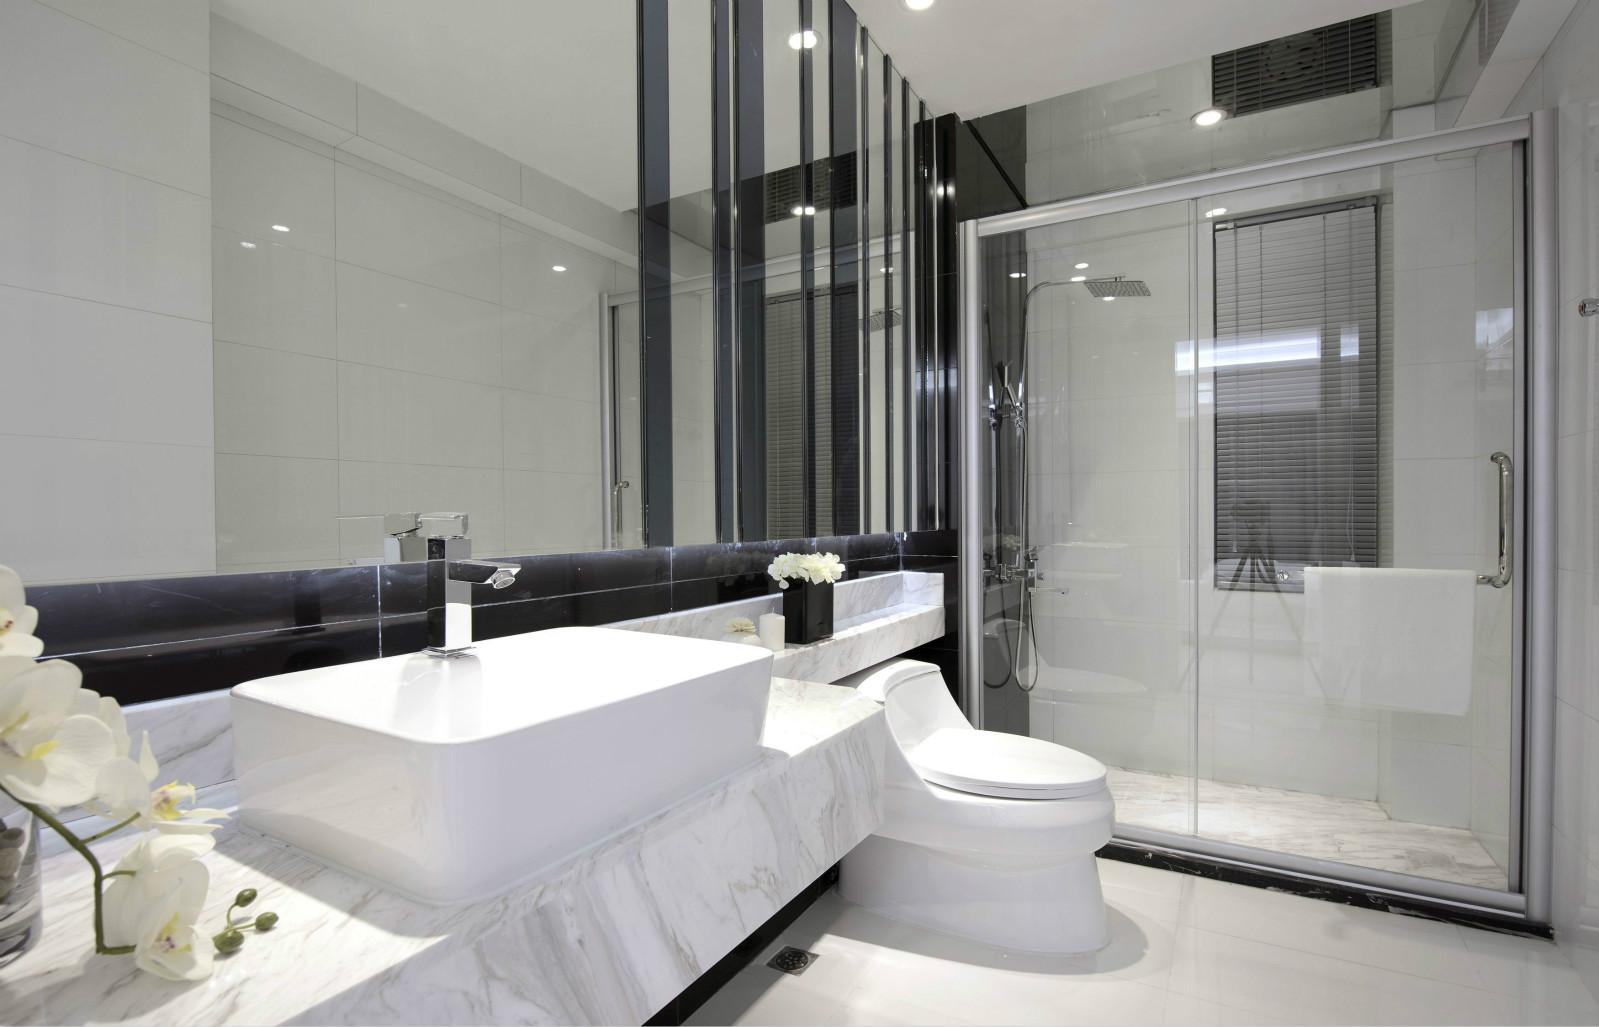 卫浴室的四周墙面上以瓷砖铺贴,充满着现代的简约时尚感。同时多处现代材料的搭配,又见时尚